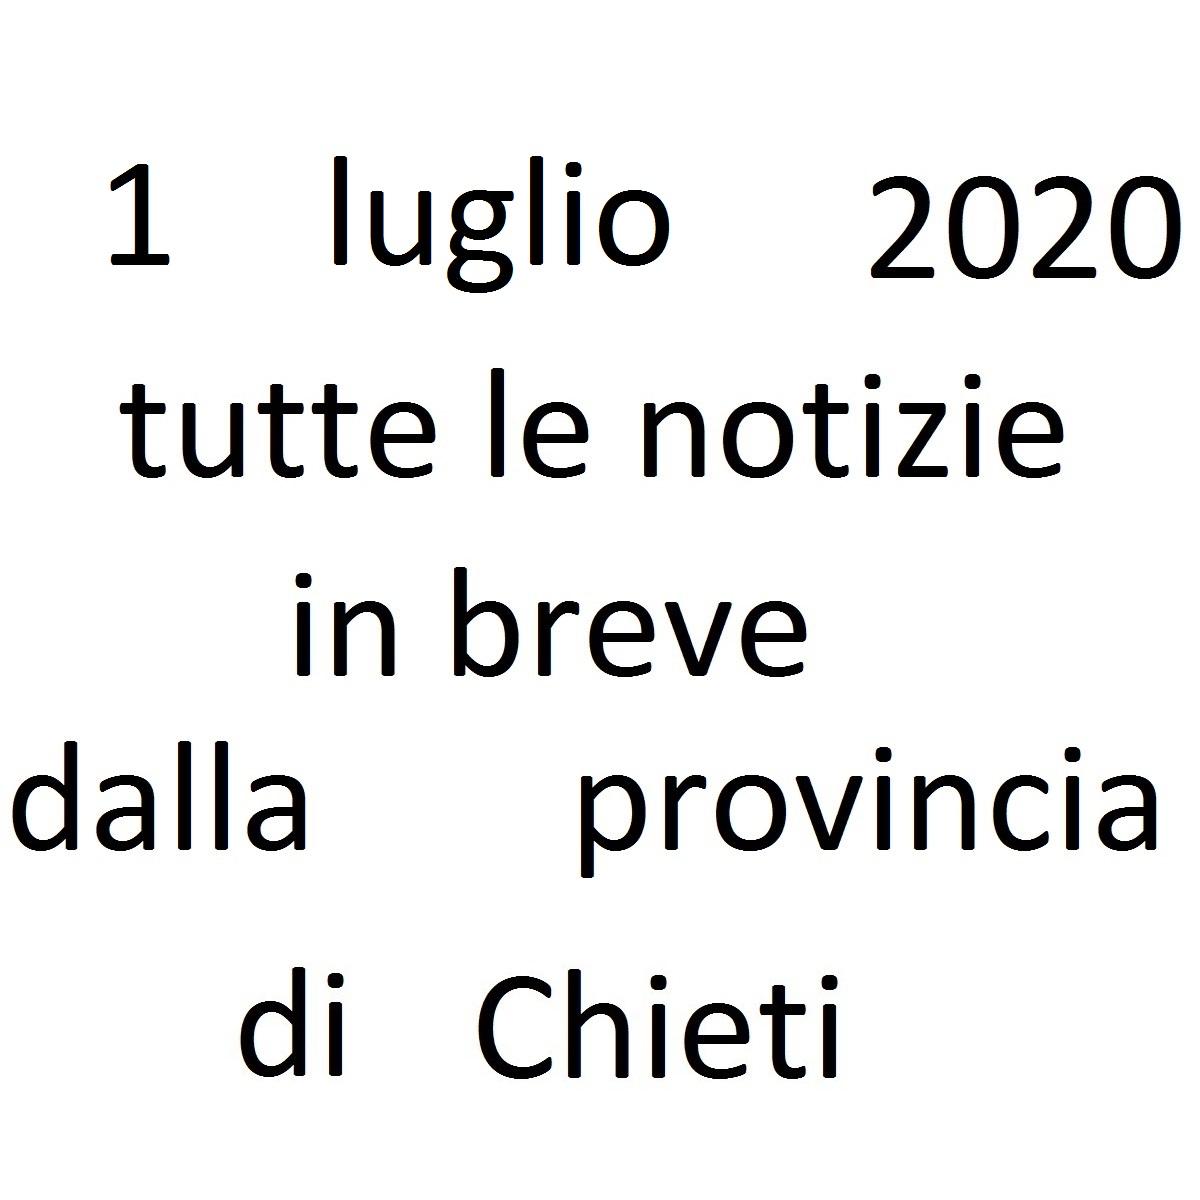 1 luglio 2020 notizie in breve dalla Provincia di Chieti foto